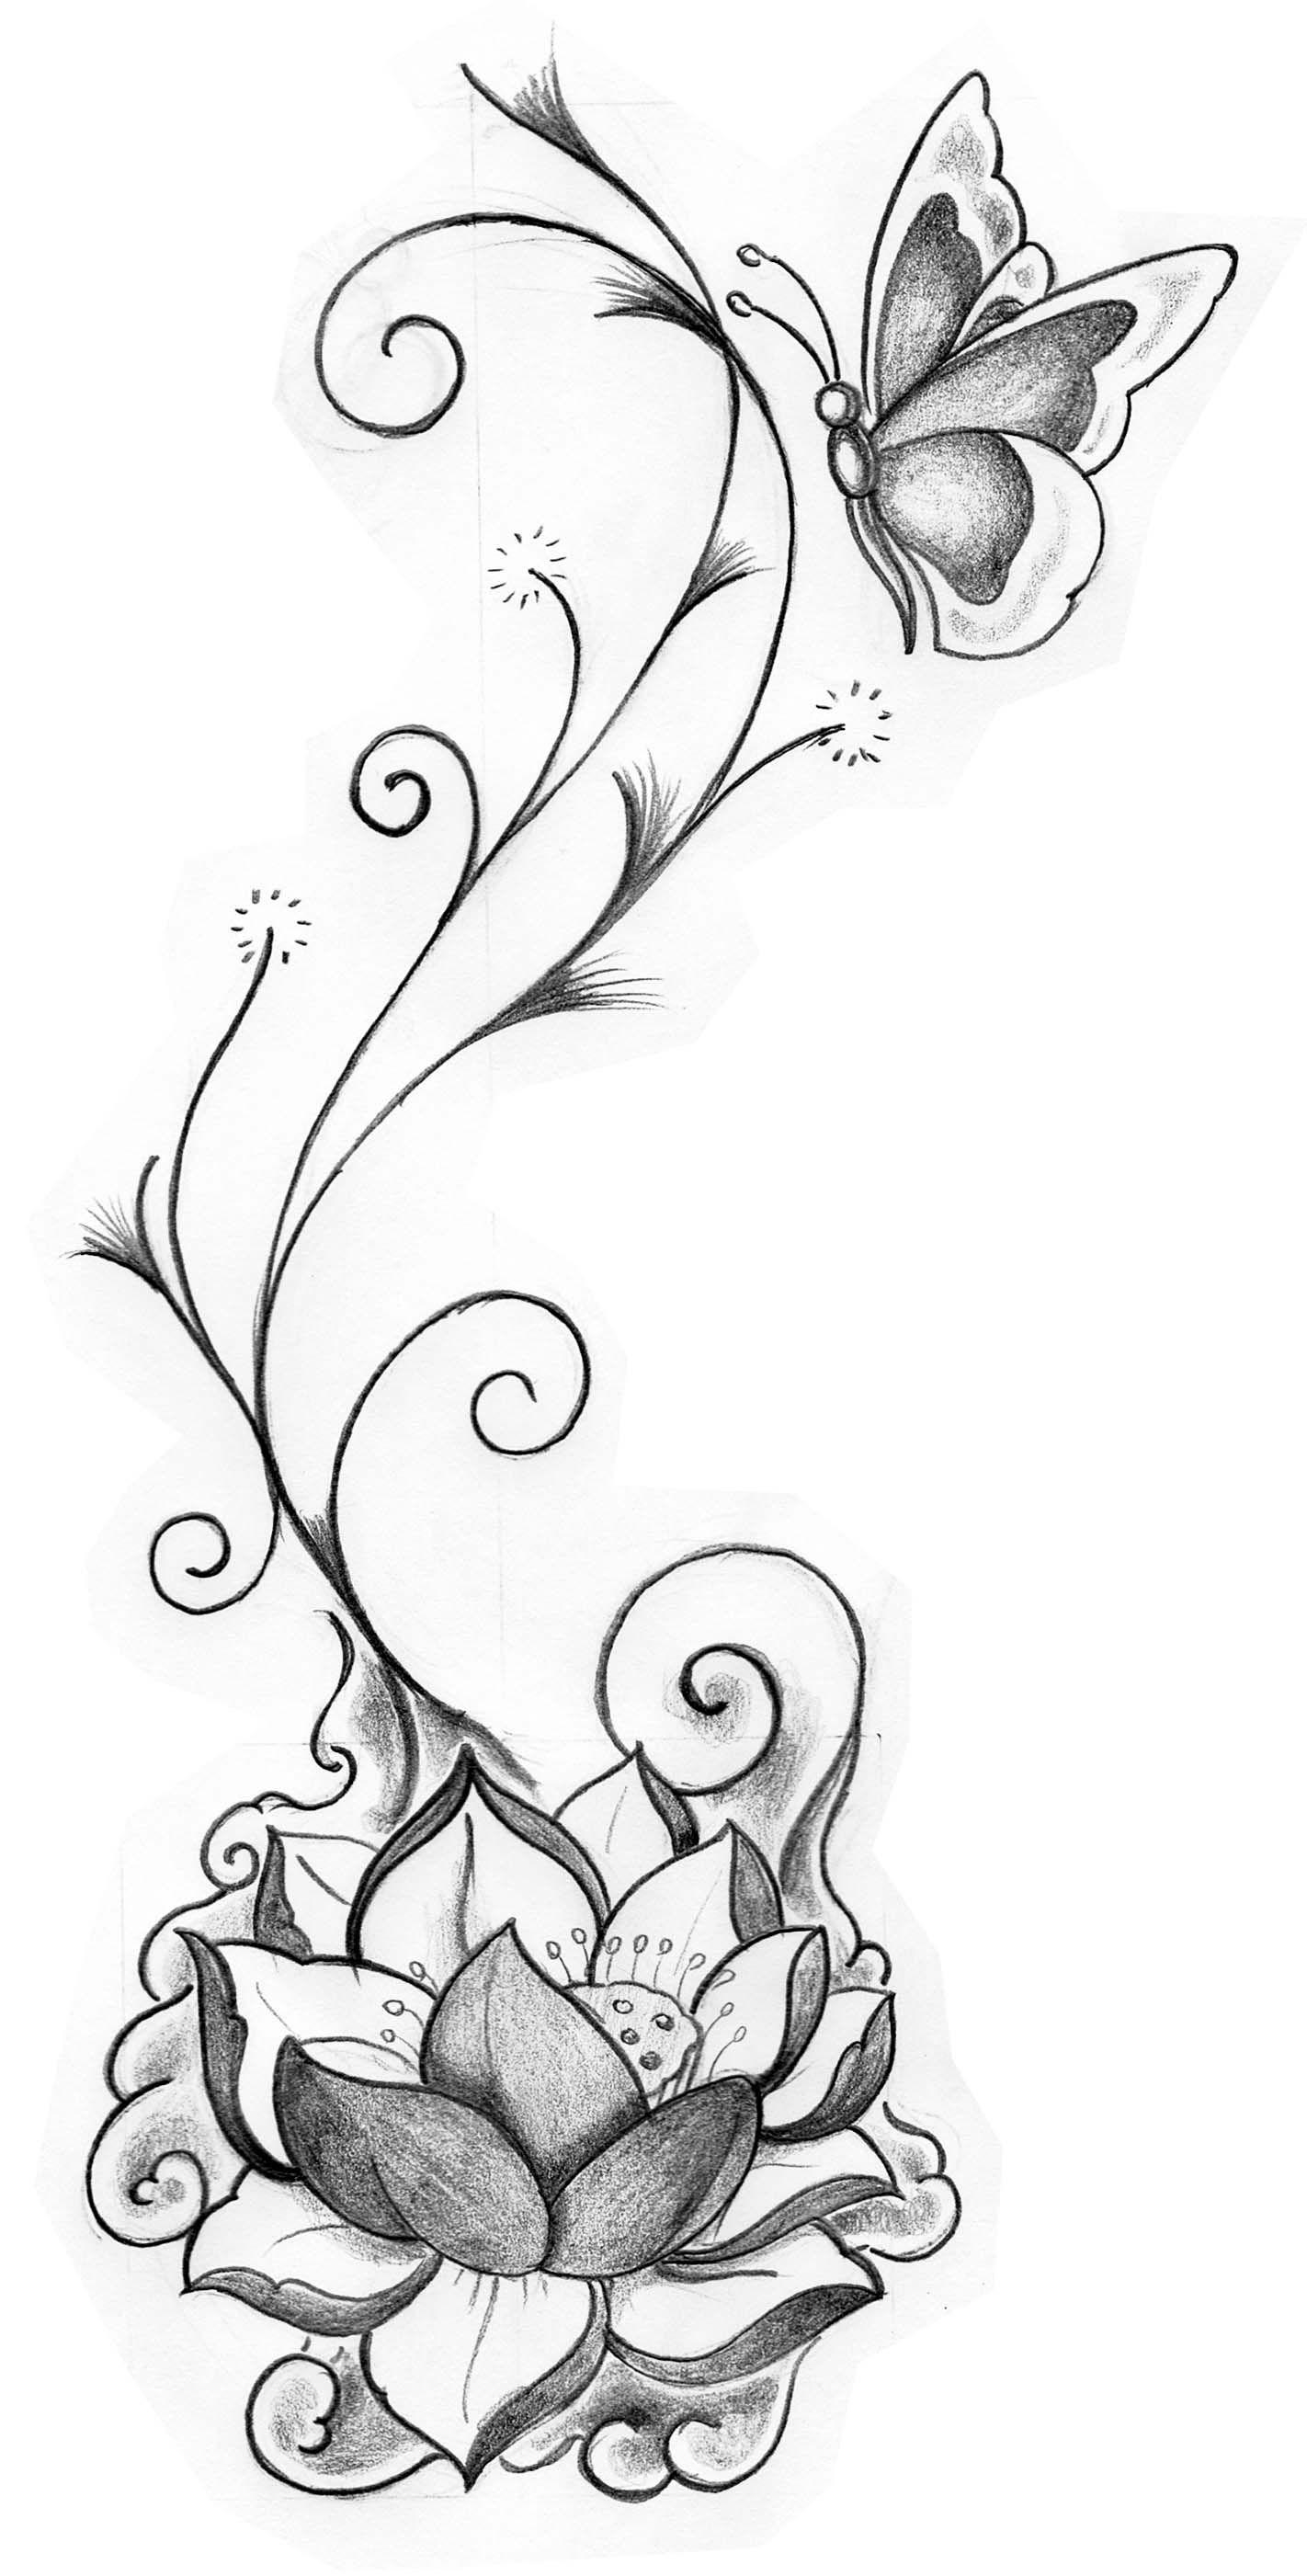 imagenes de mariposas vectorizadas - Buscar con Google | dibujos ...